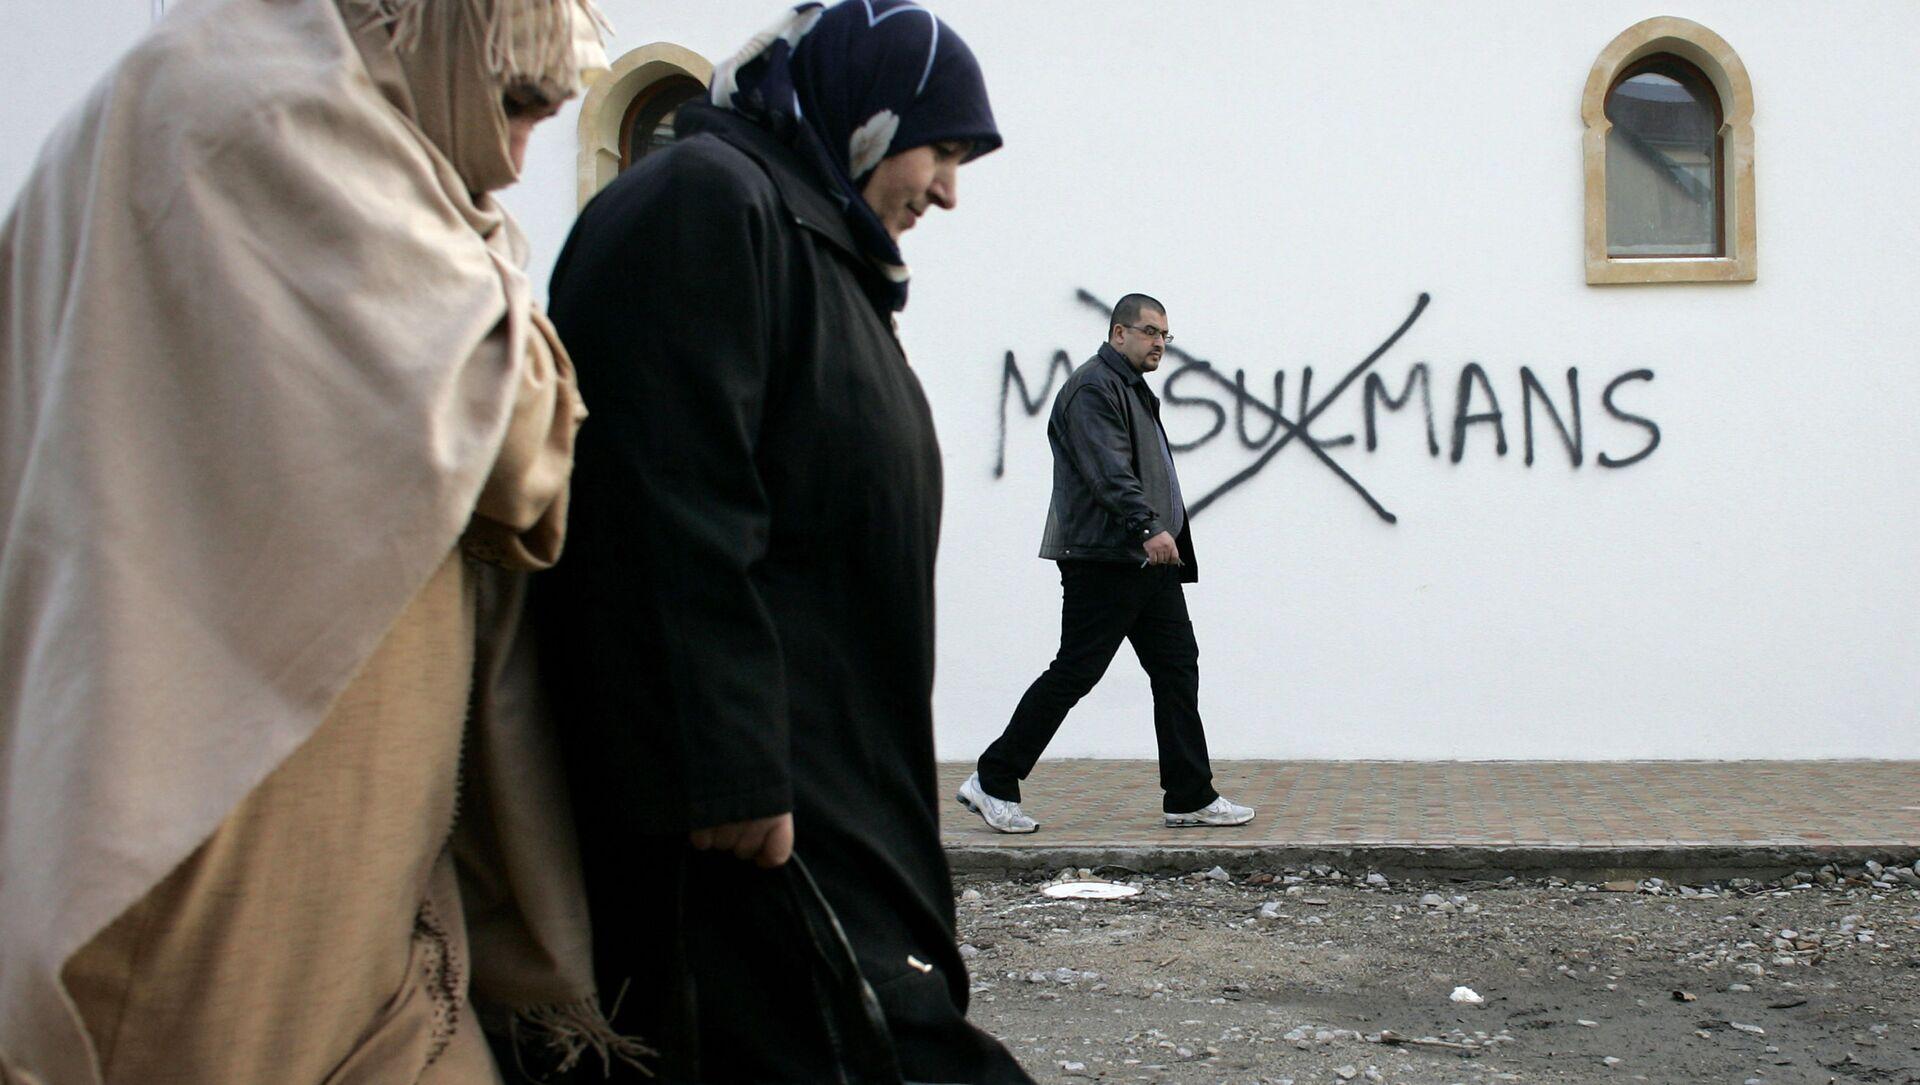 Muzułmanie idący obok ściany z obelgami - Sputnik Polska, 1920, 25.05.2021